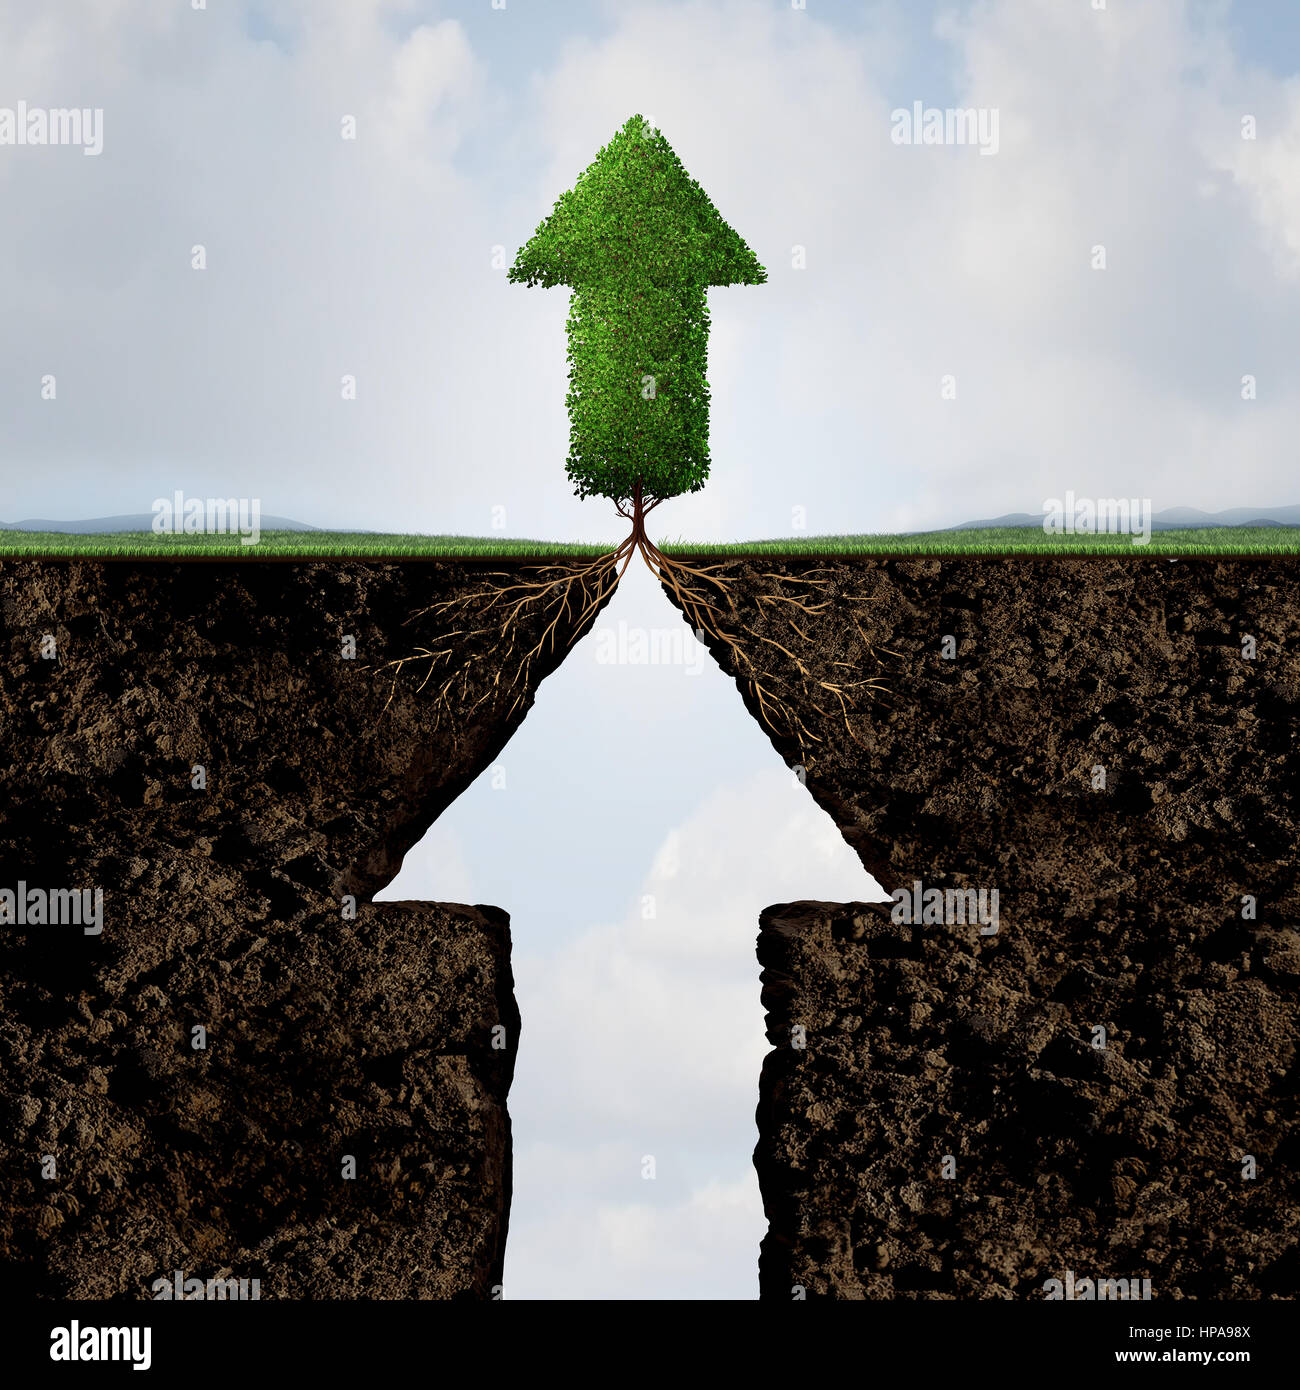 Subir de nivel concepto como un símbolo de progreso para el éxito del negocio o aspiración de crecimiento Imagen De Stock